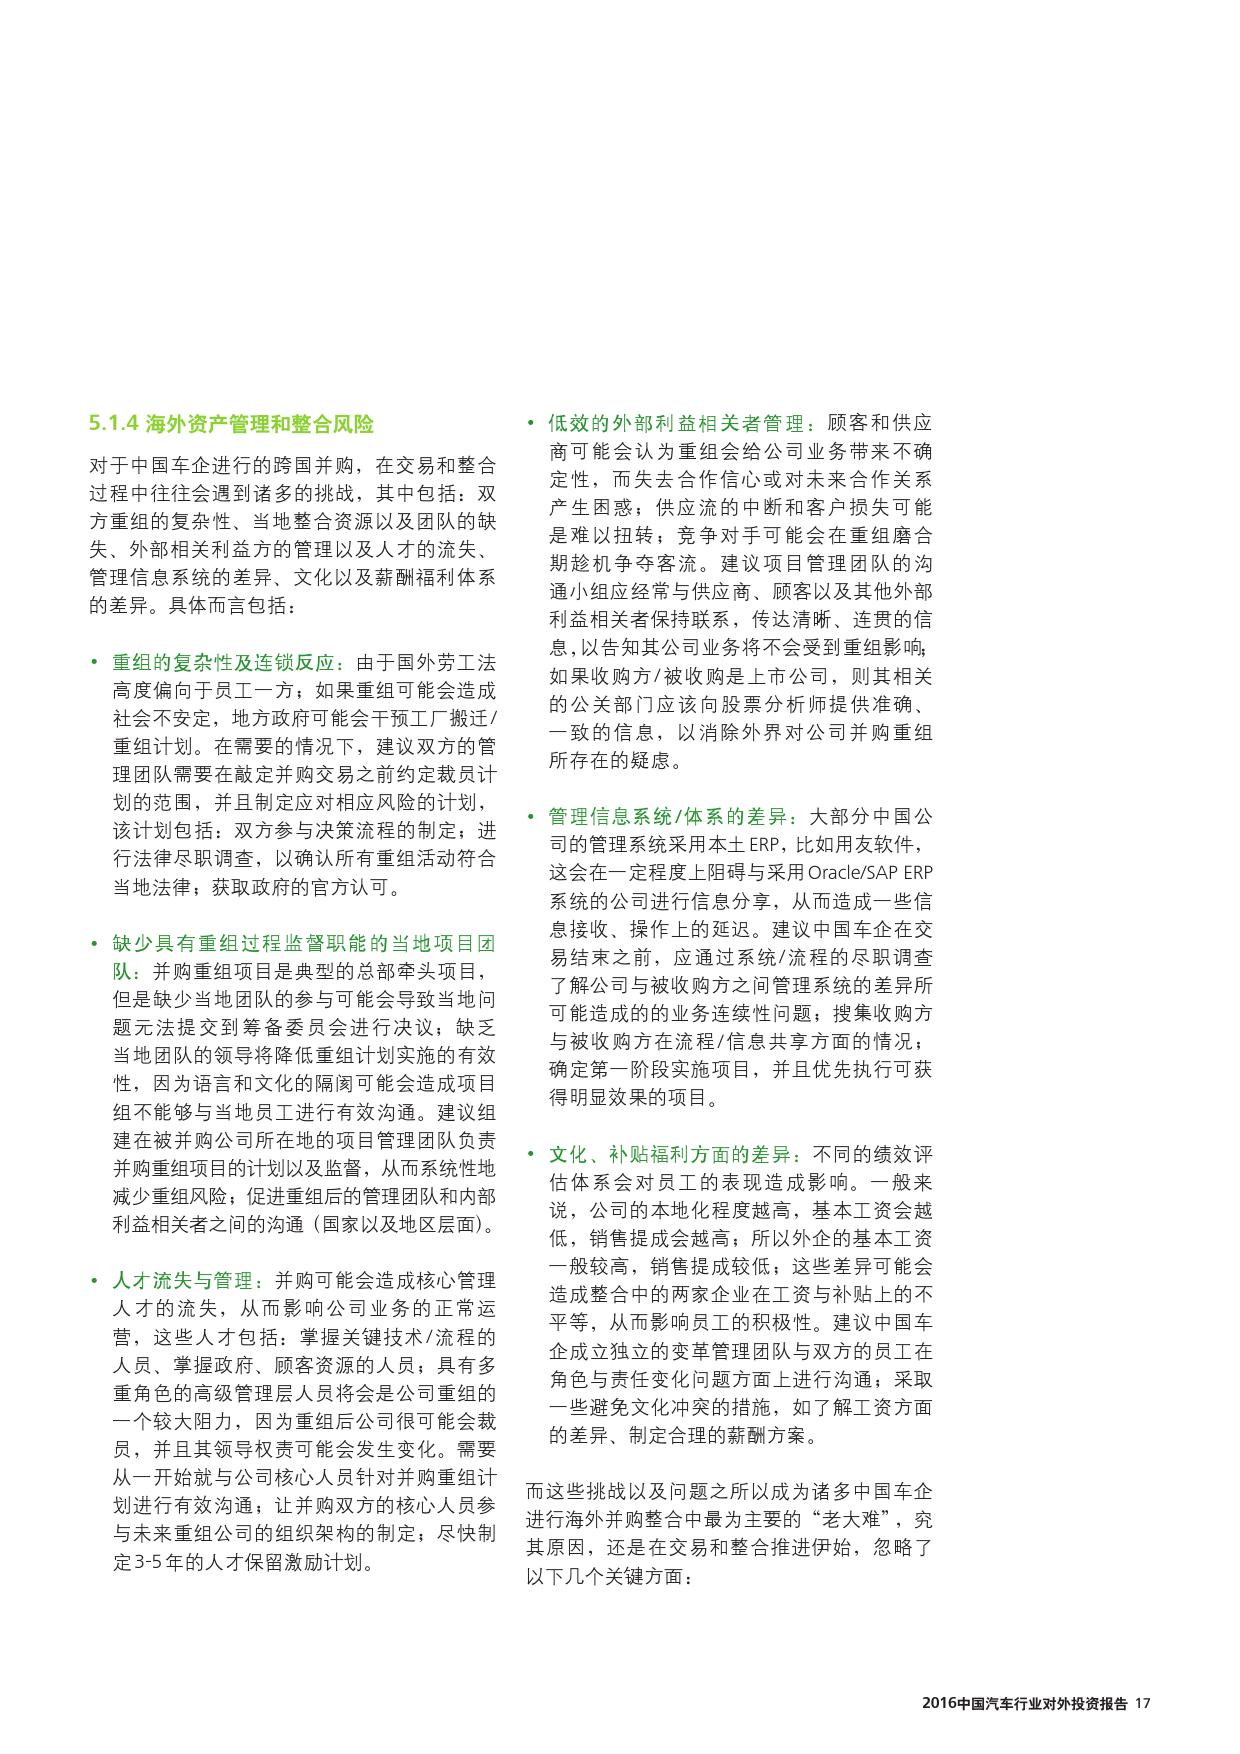 2016中国汽车行业对外投资报告_000019